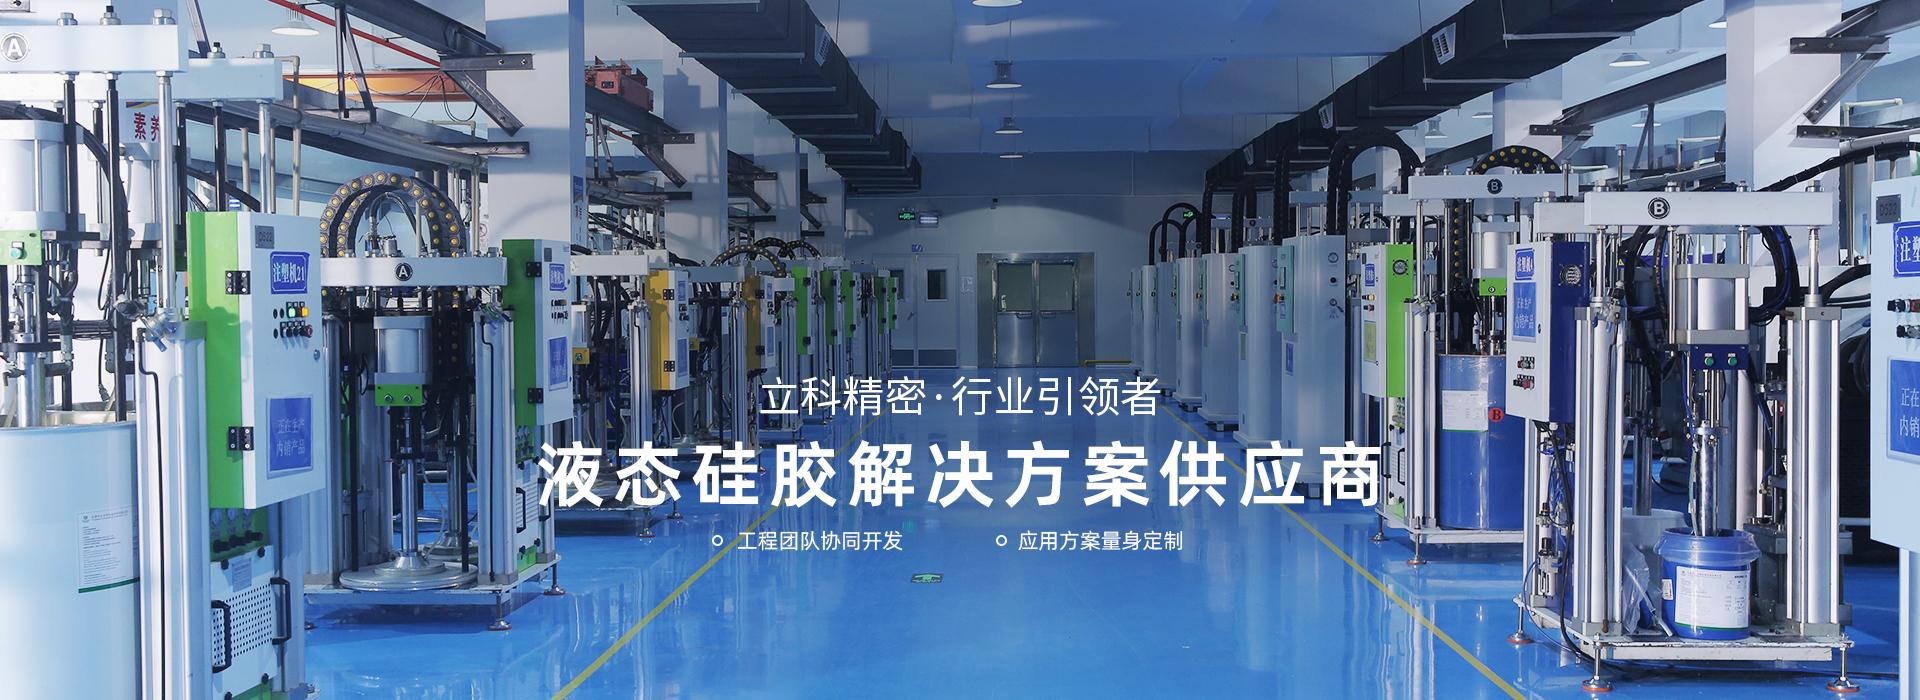 液态硅胶制品解决方案供应商